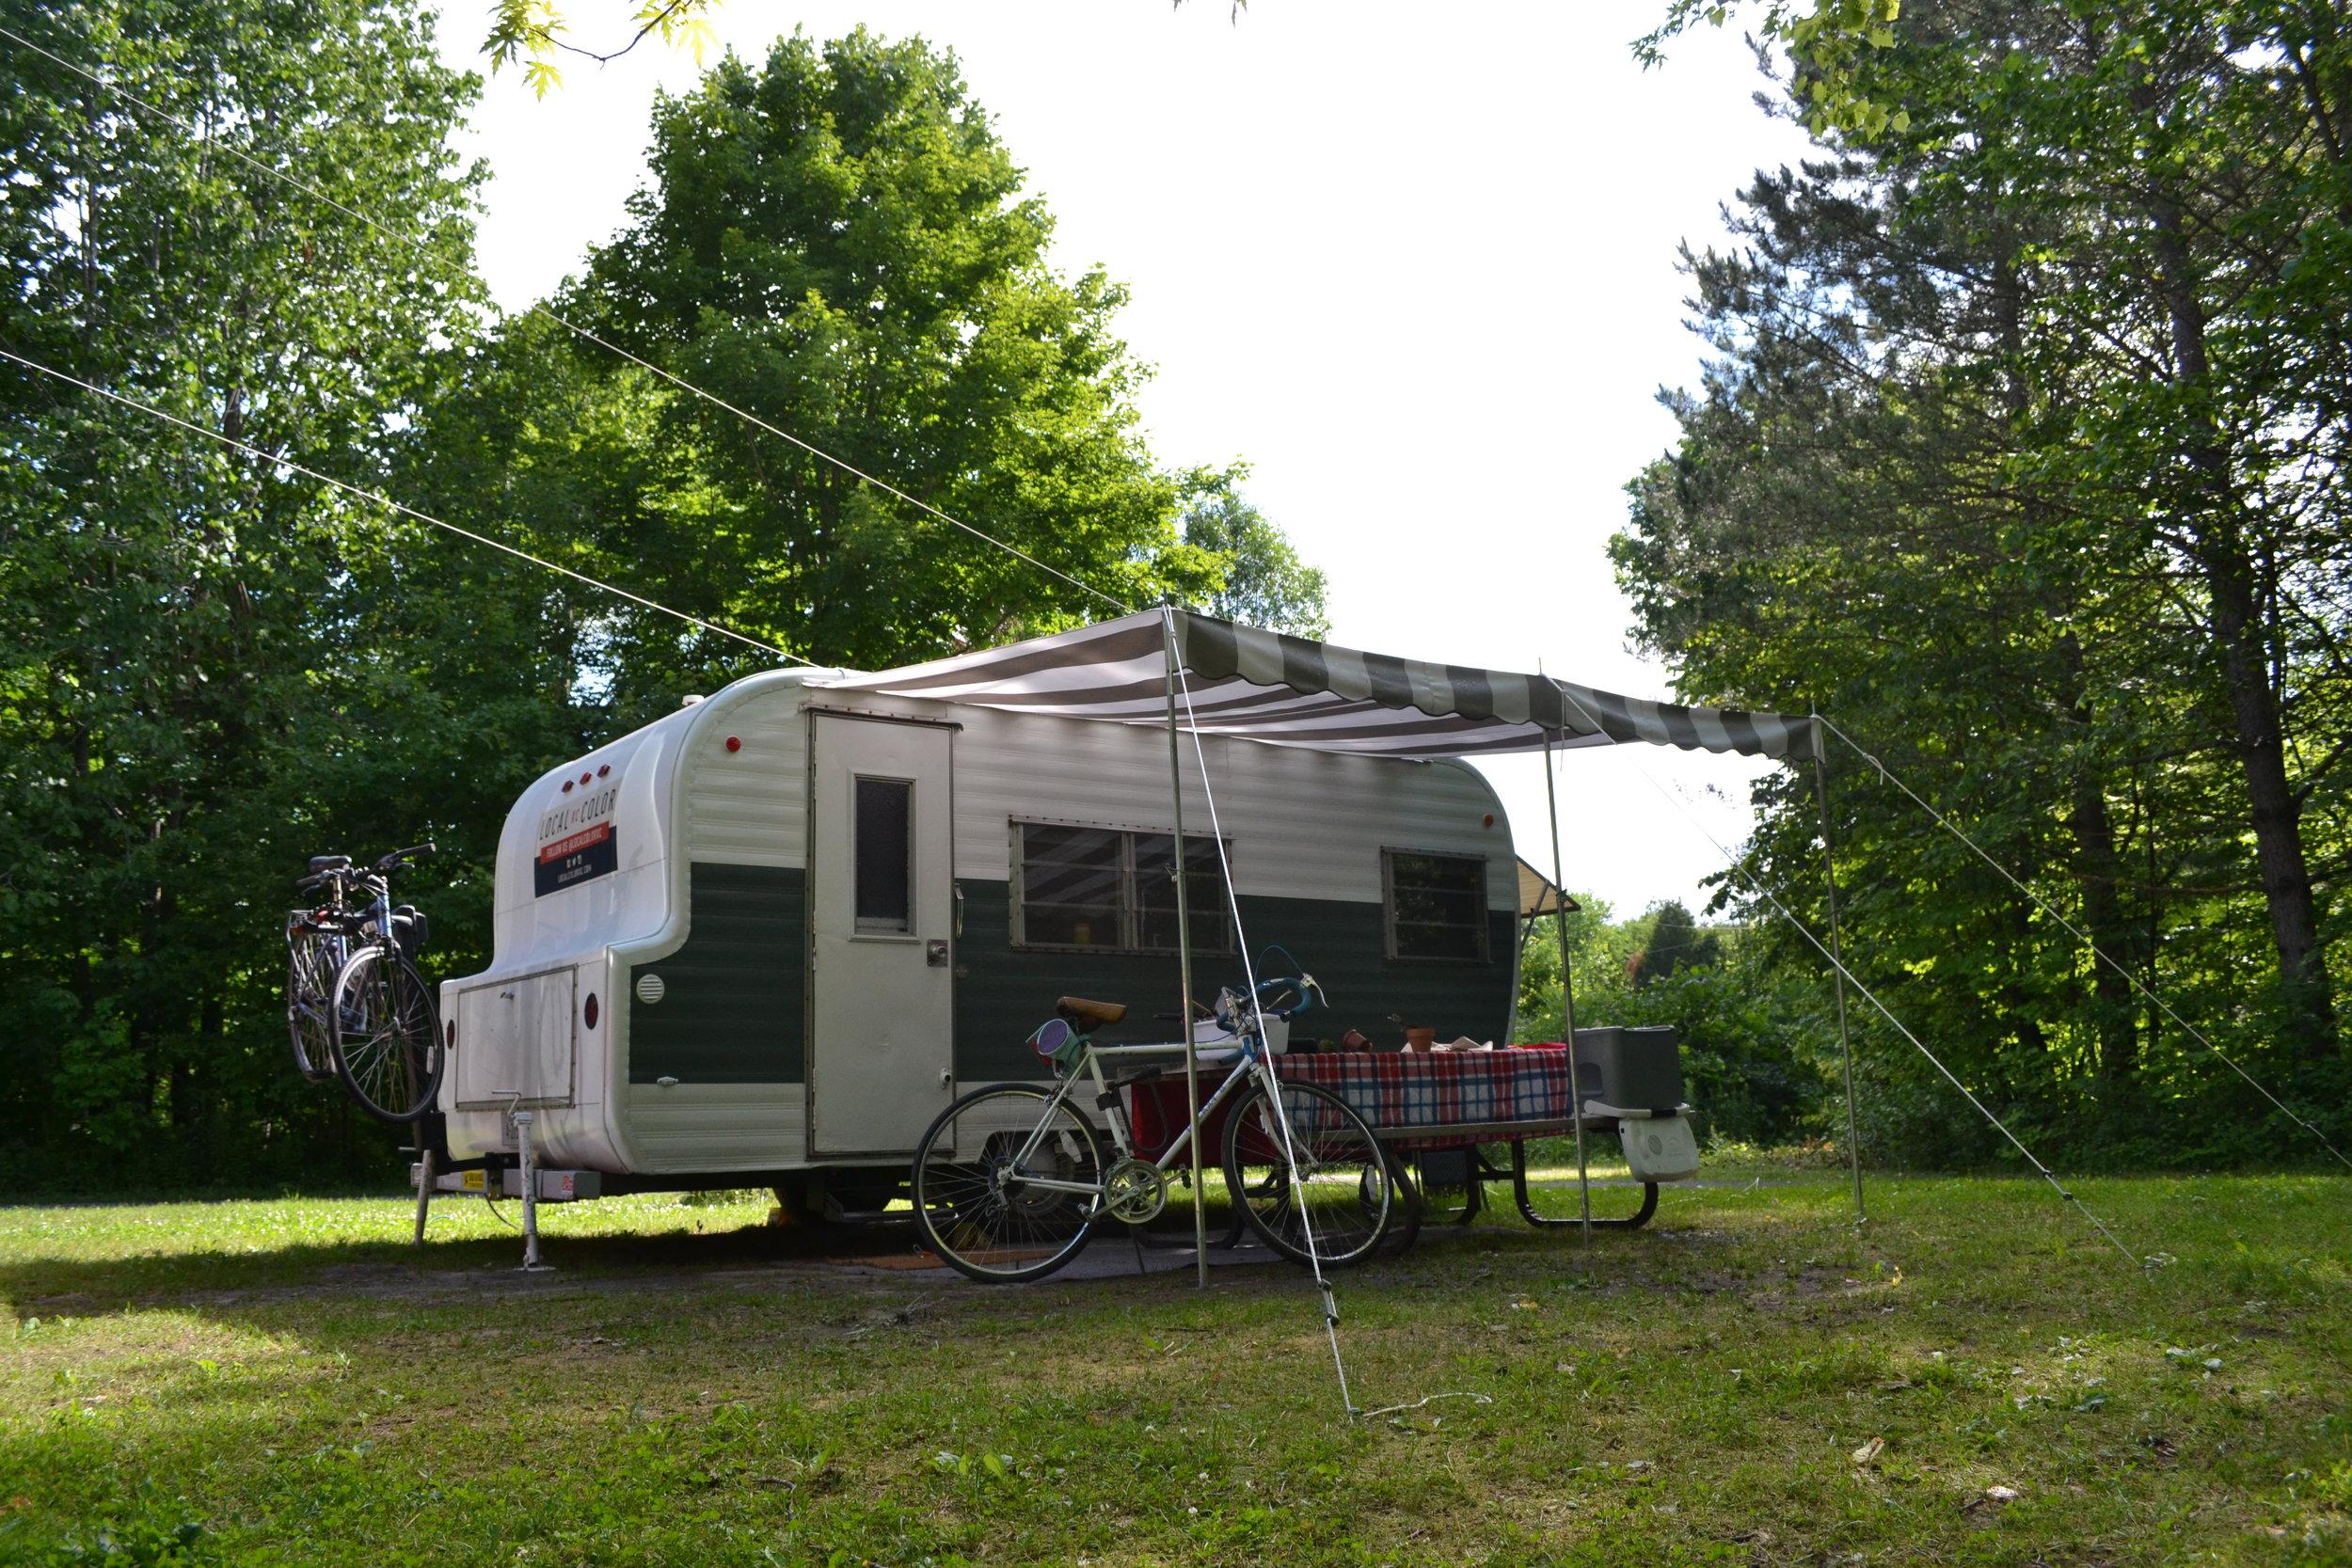 Our campsite at Voyageur Provincial Park.